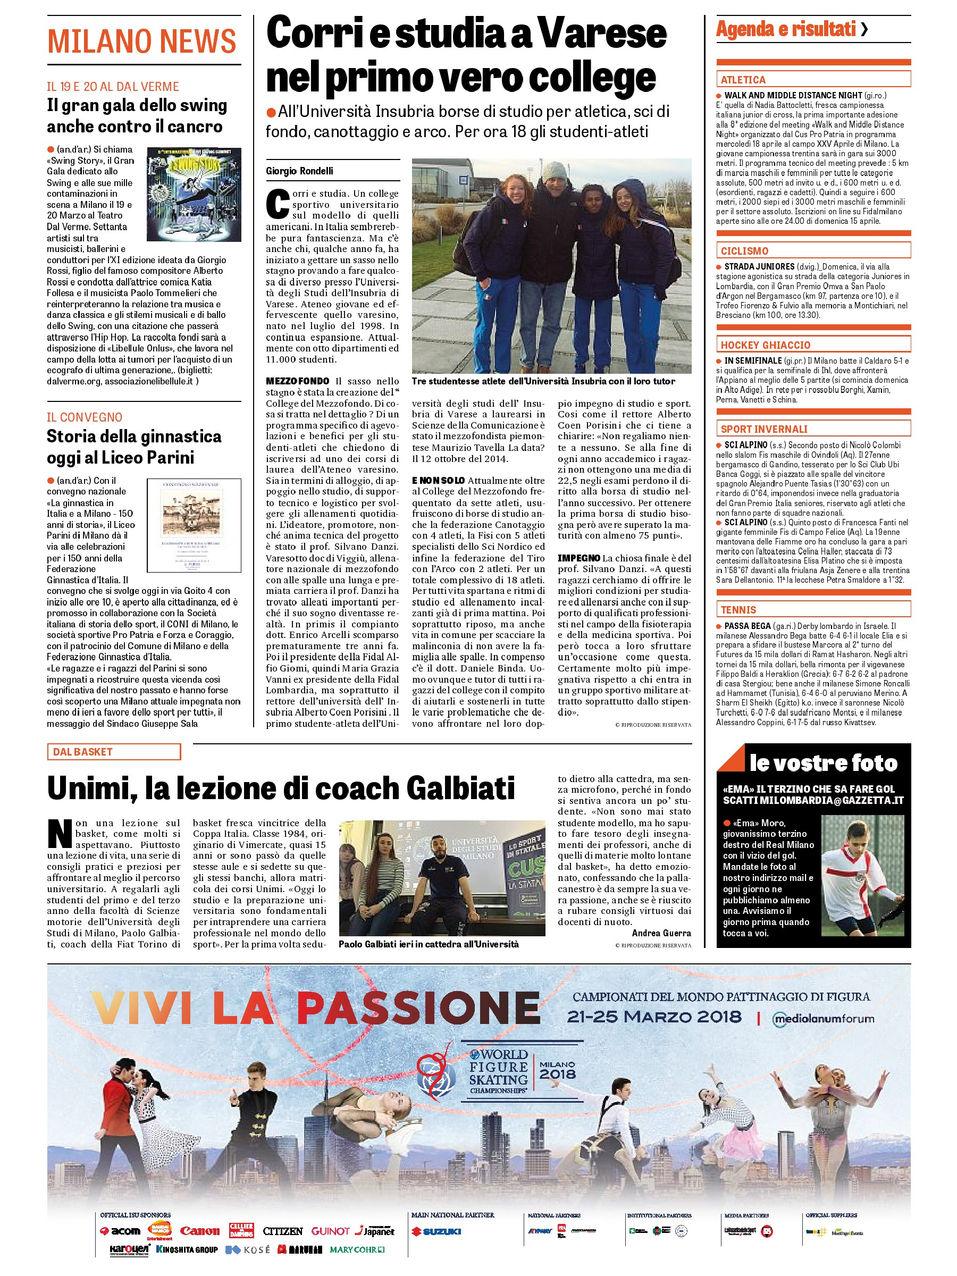 La Gazzetta dello Sport - 15.03.18